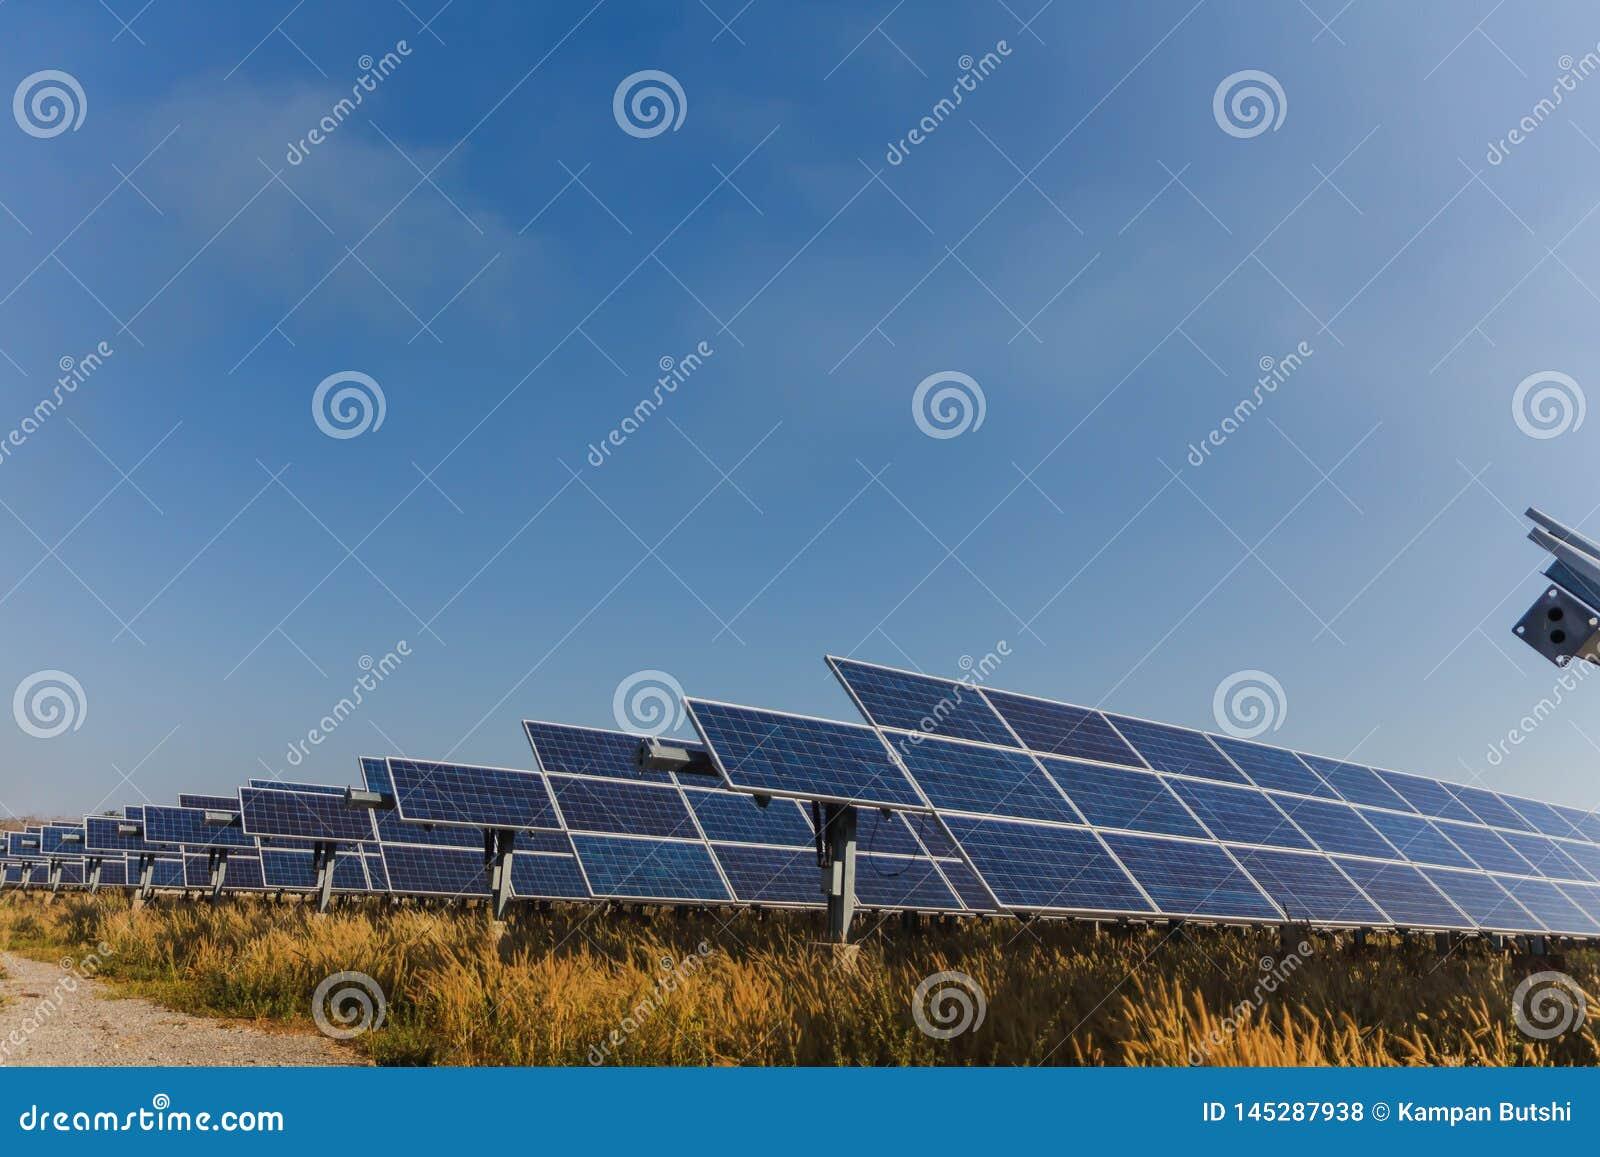 Sonnenkollektor, alternative Stromquelle - Konzept von st?tzbaren Betriebsmitteln und dieses ist ein neues System, das erzeugen k